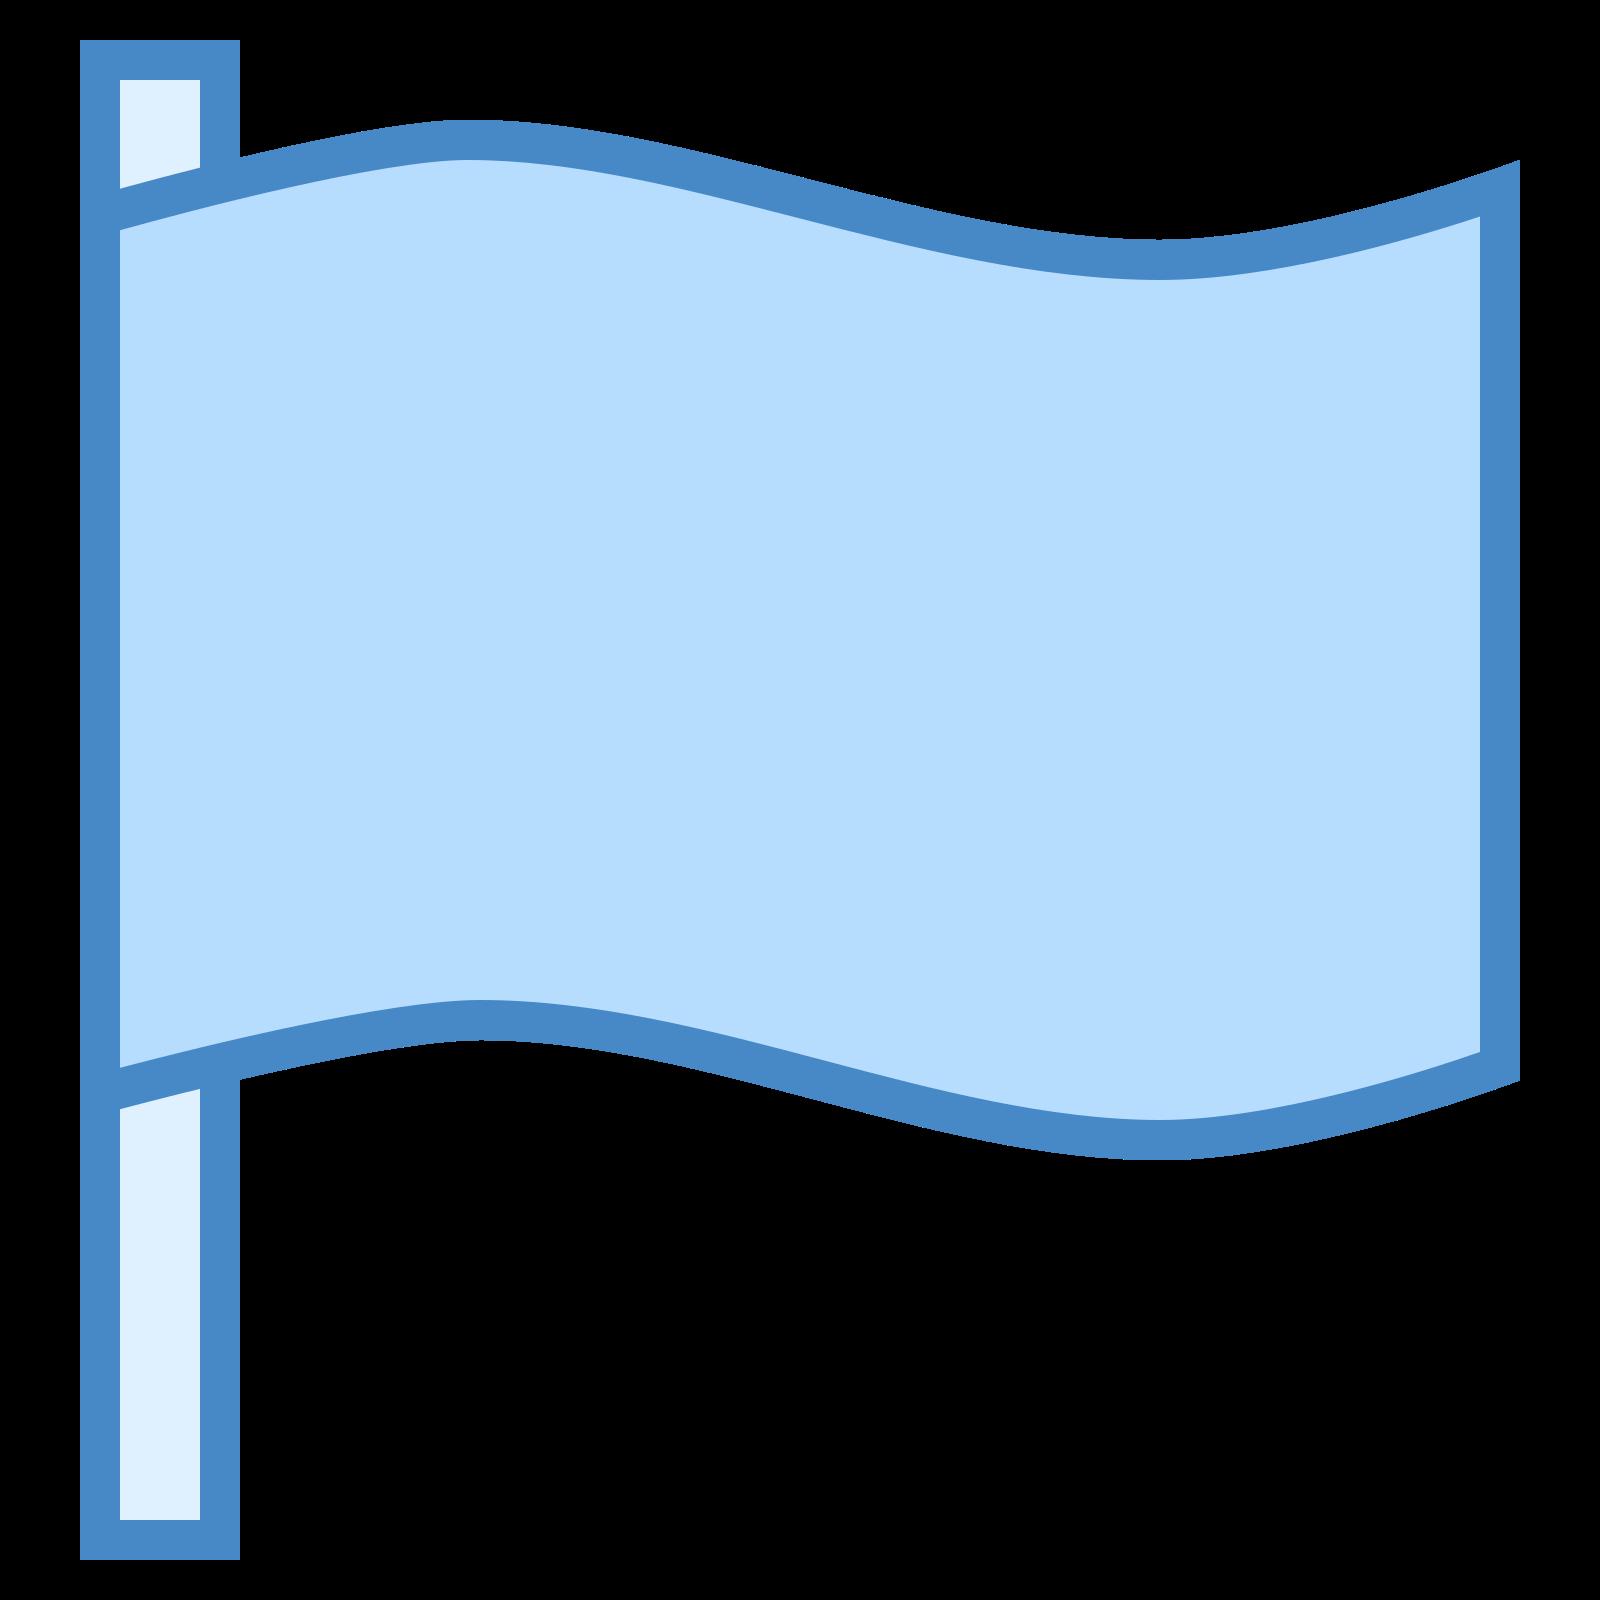 塗りつぶされた旗2 icon